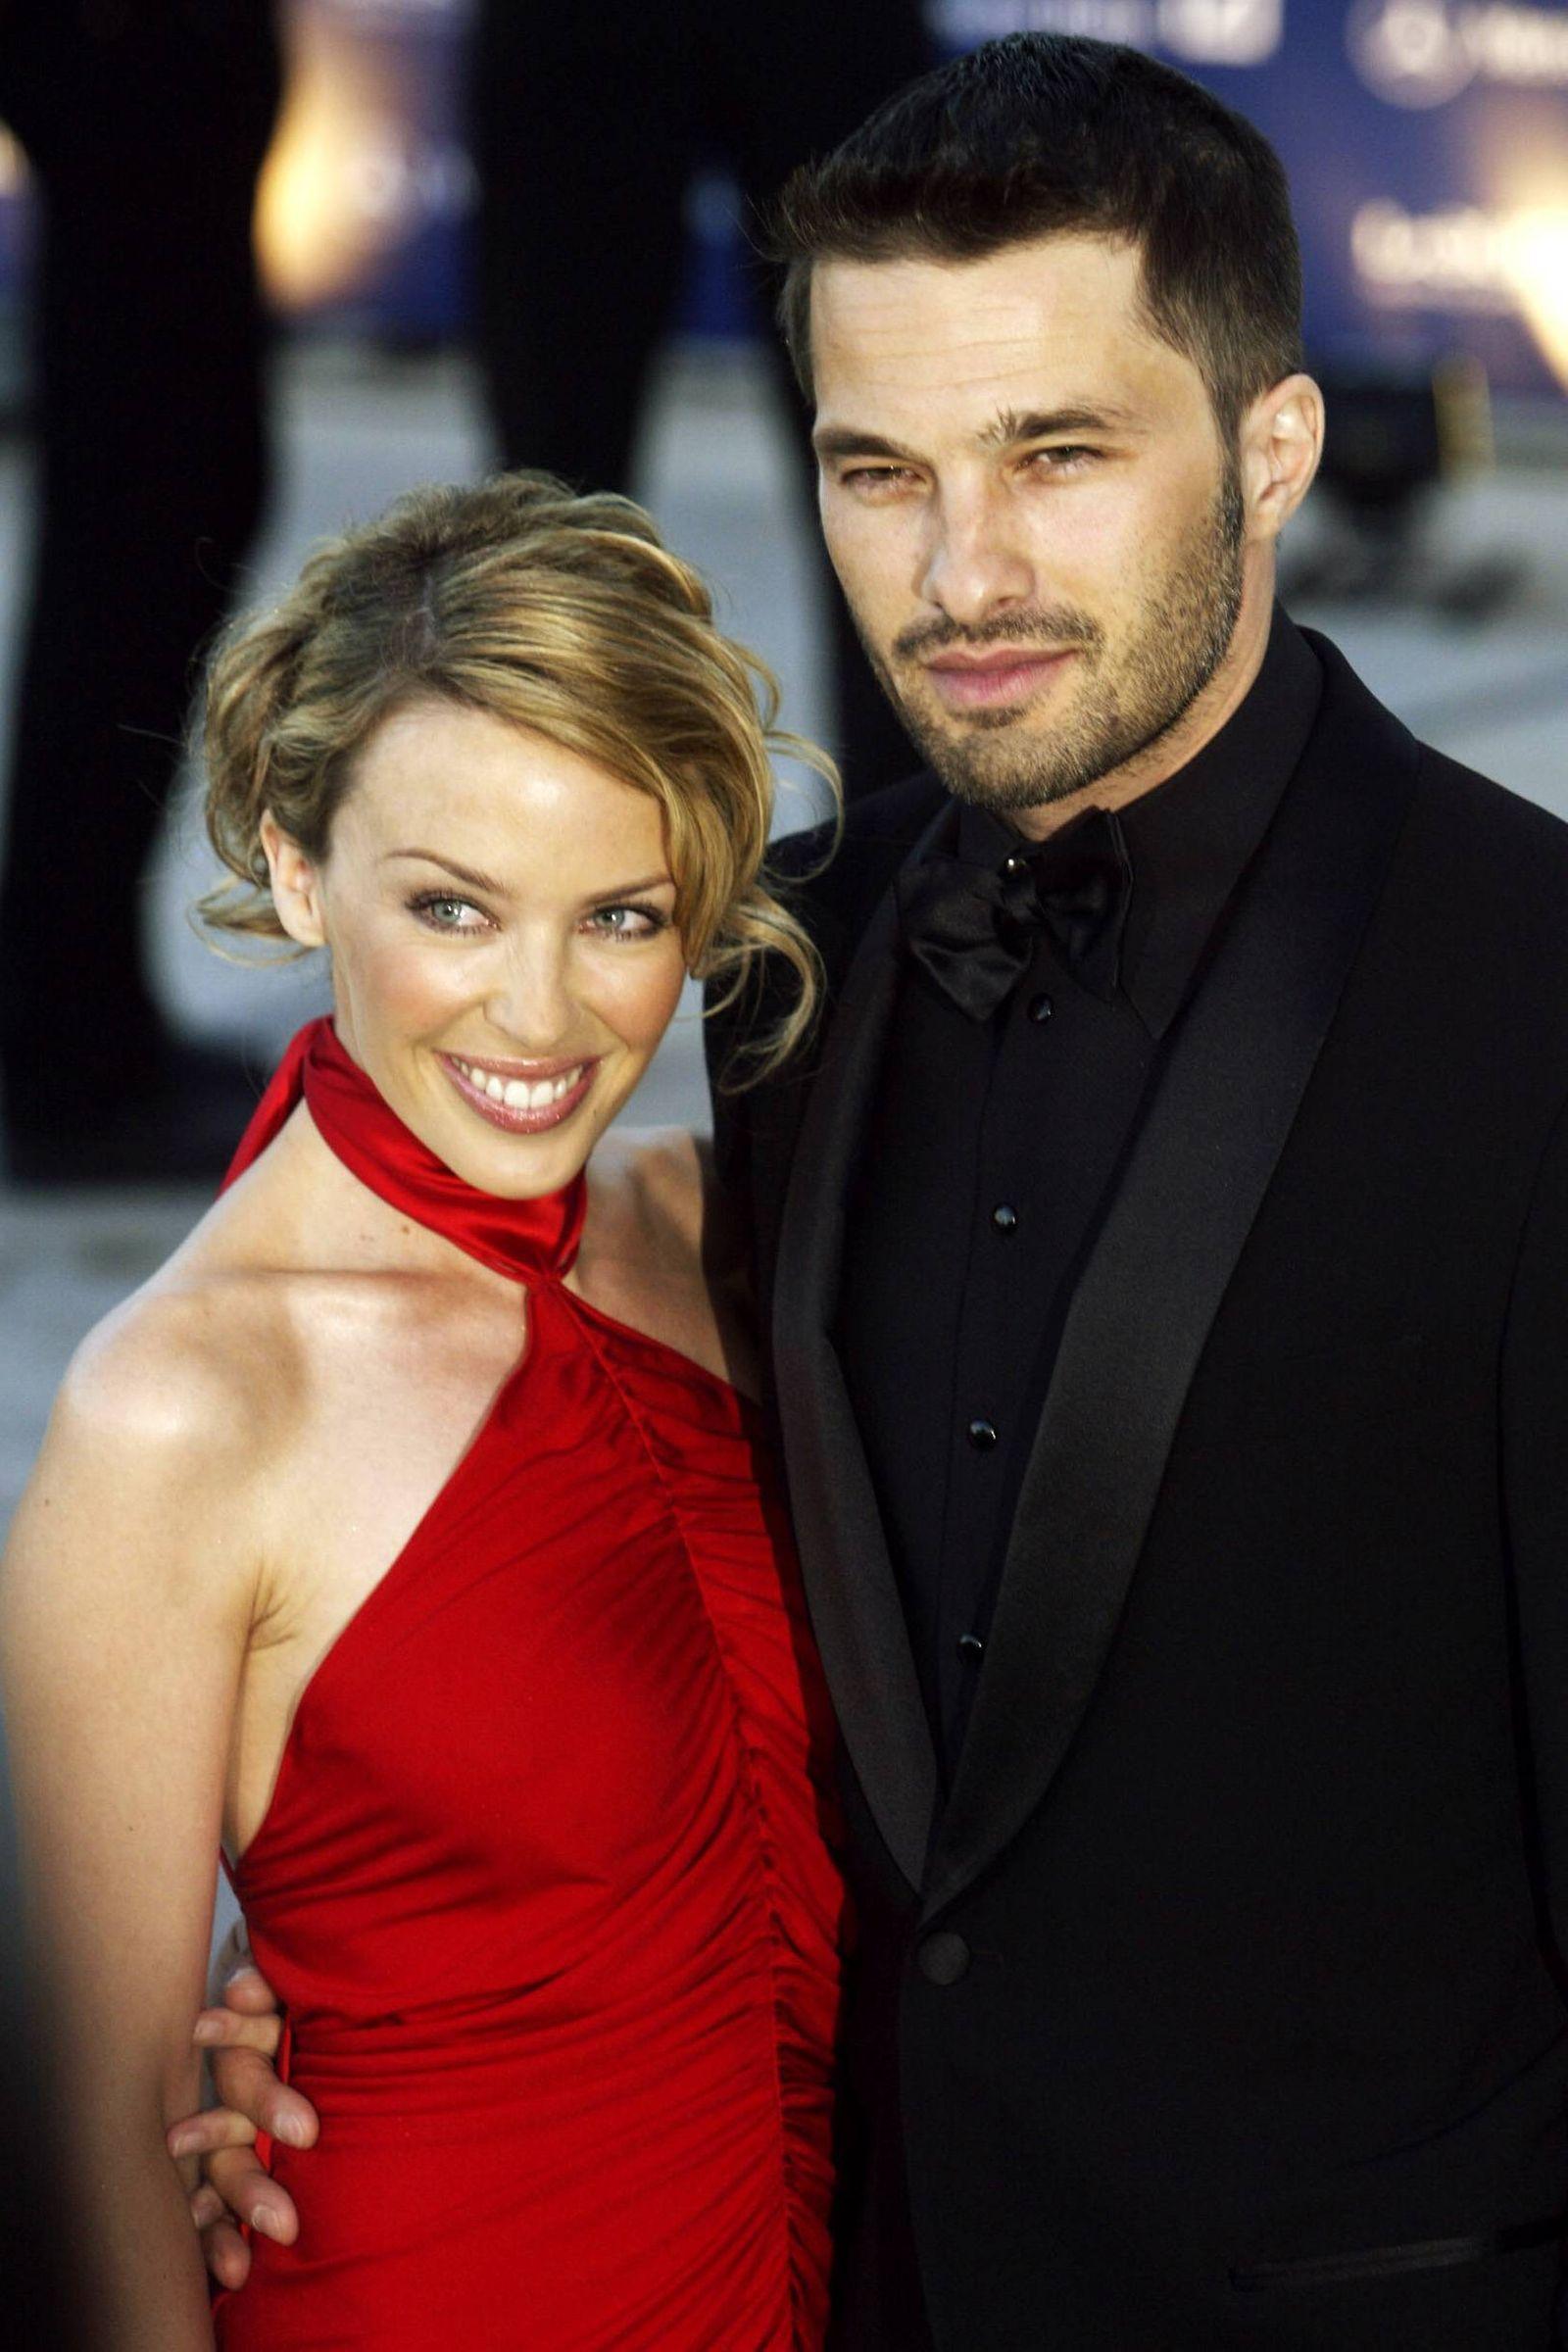 Sängerin Kylie Minogue li AUS mit ihrem Freund Schauspieler Oliver Martinez FRA anlässlich der